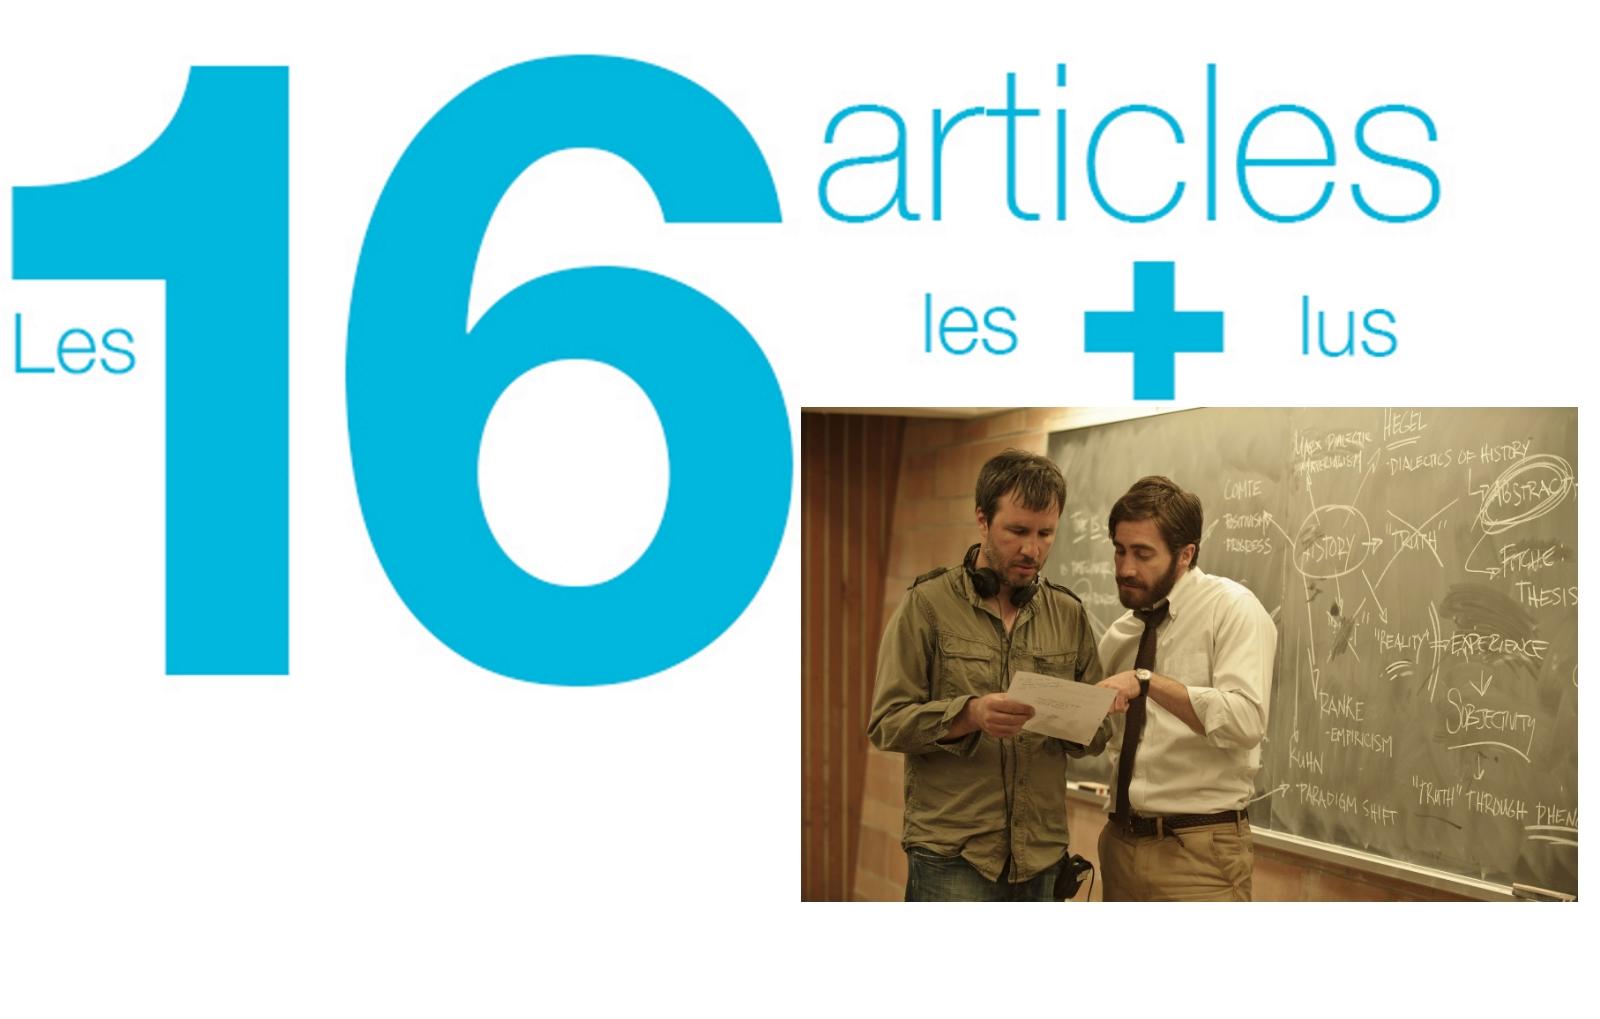 Les 16 articles les plus lus depuis cinq ans (les 5 ans de cinémaniak)